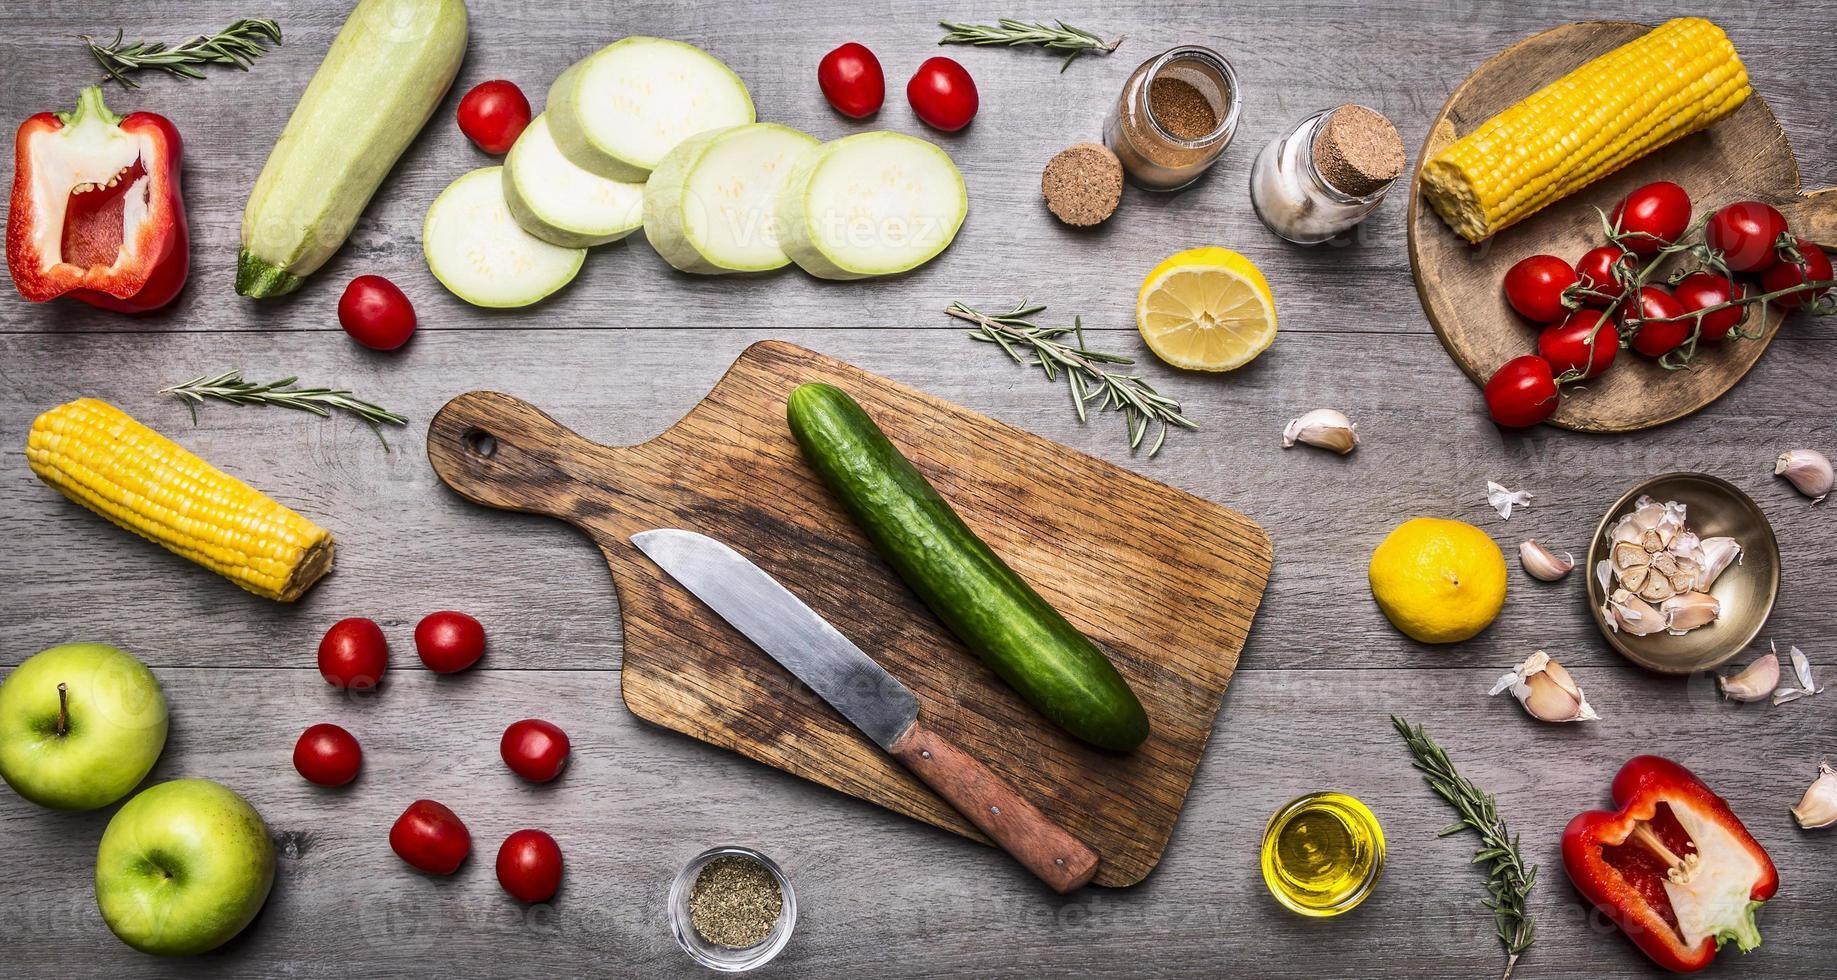 Schneidebrett, gesunde Lebensmittel, Kochen und vegetarisches Konzept. foto